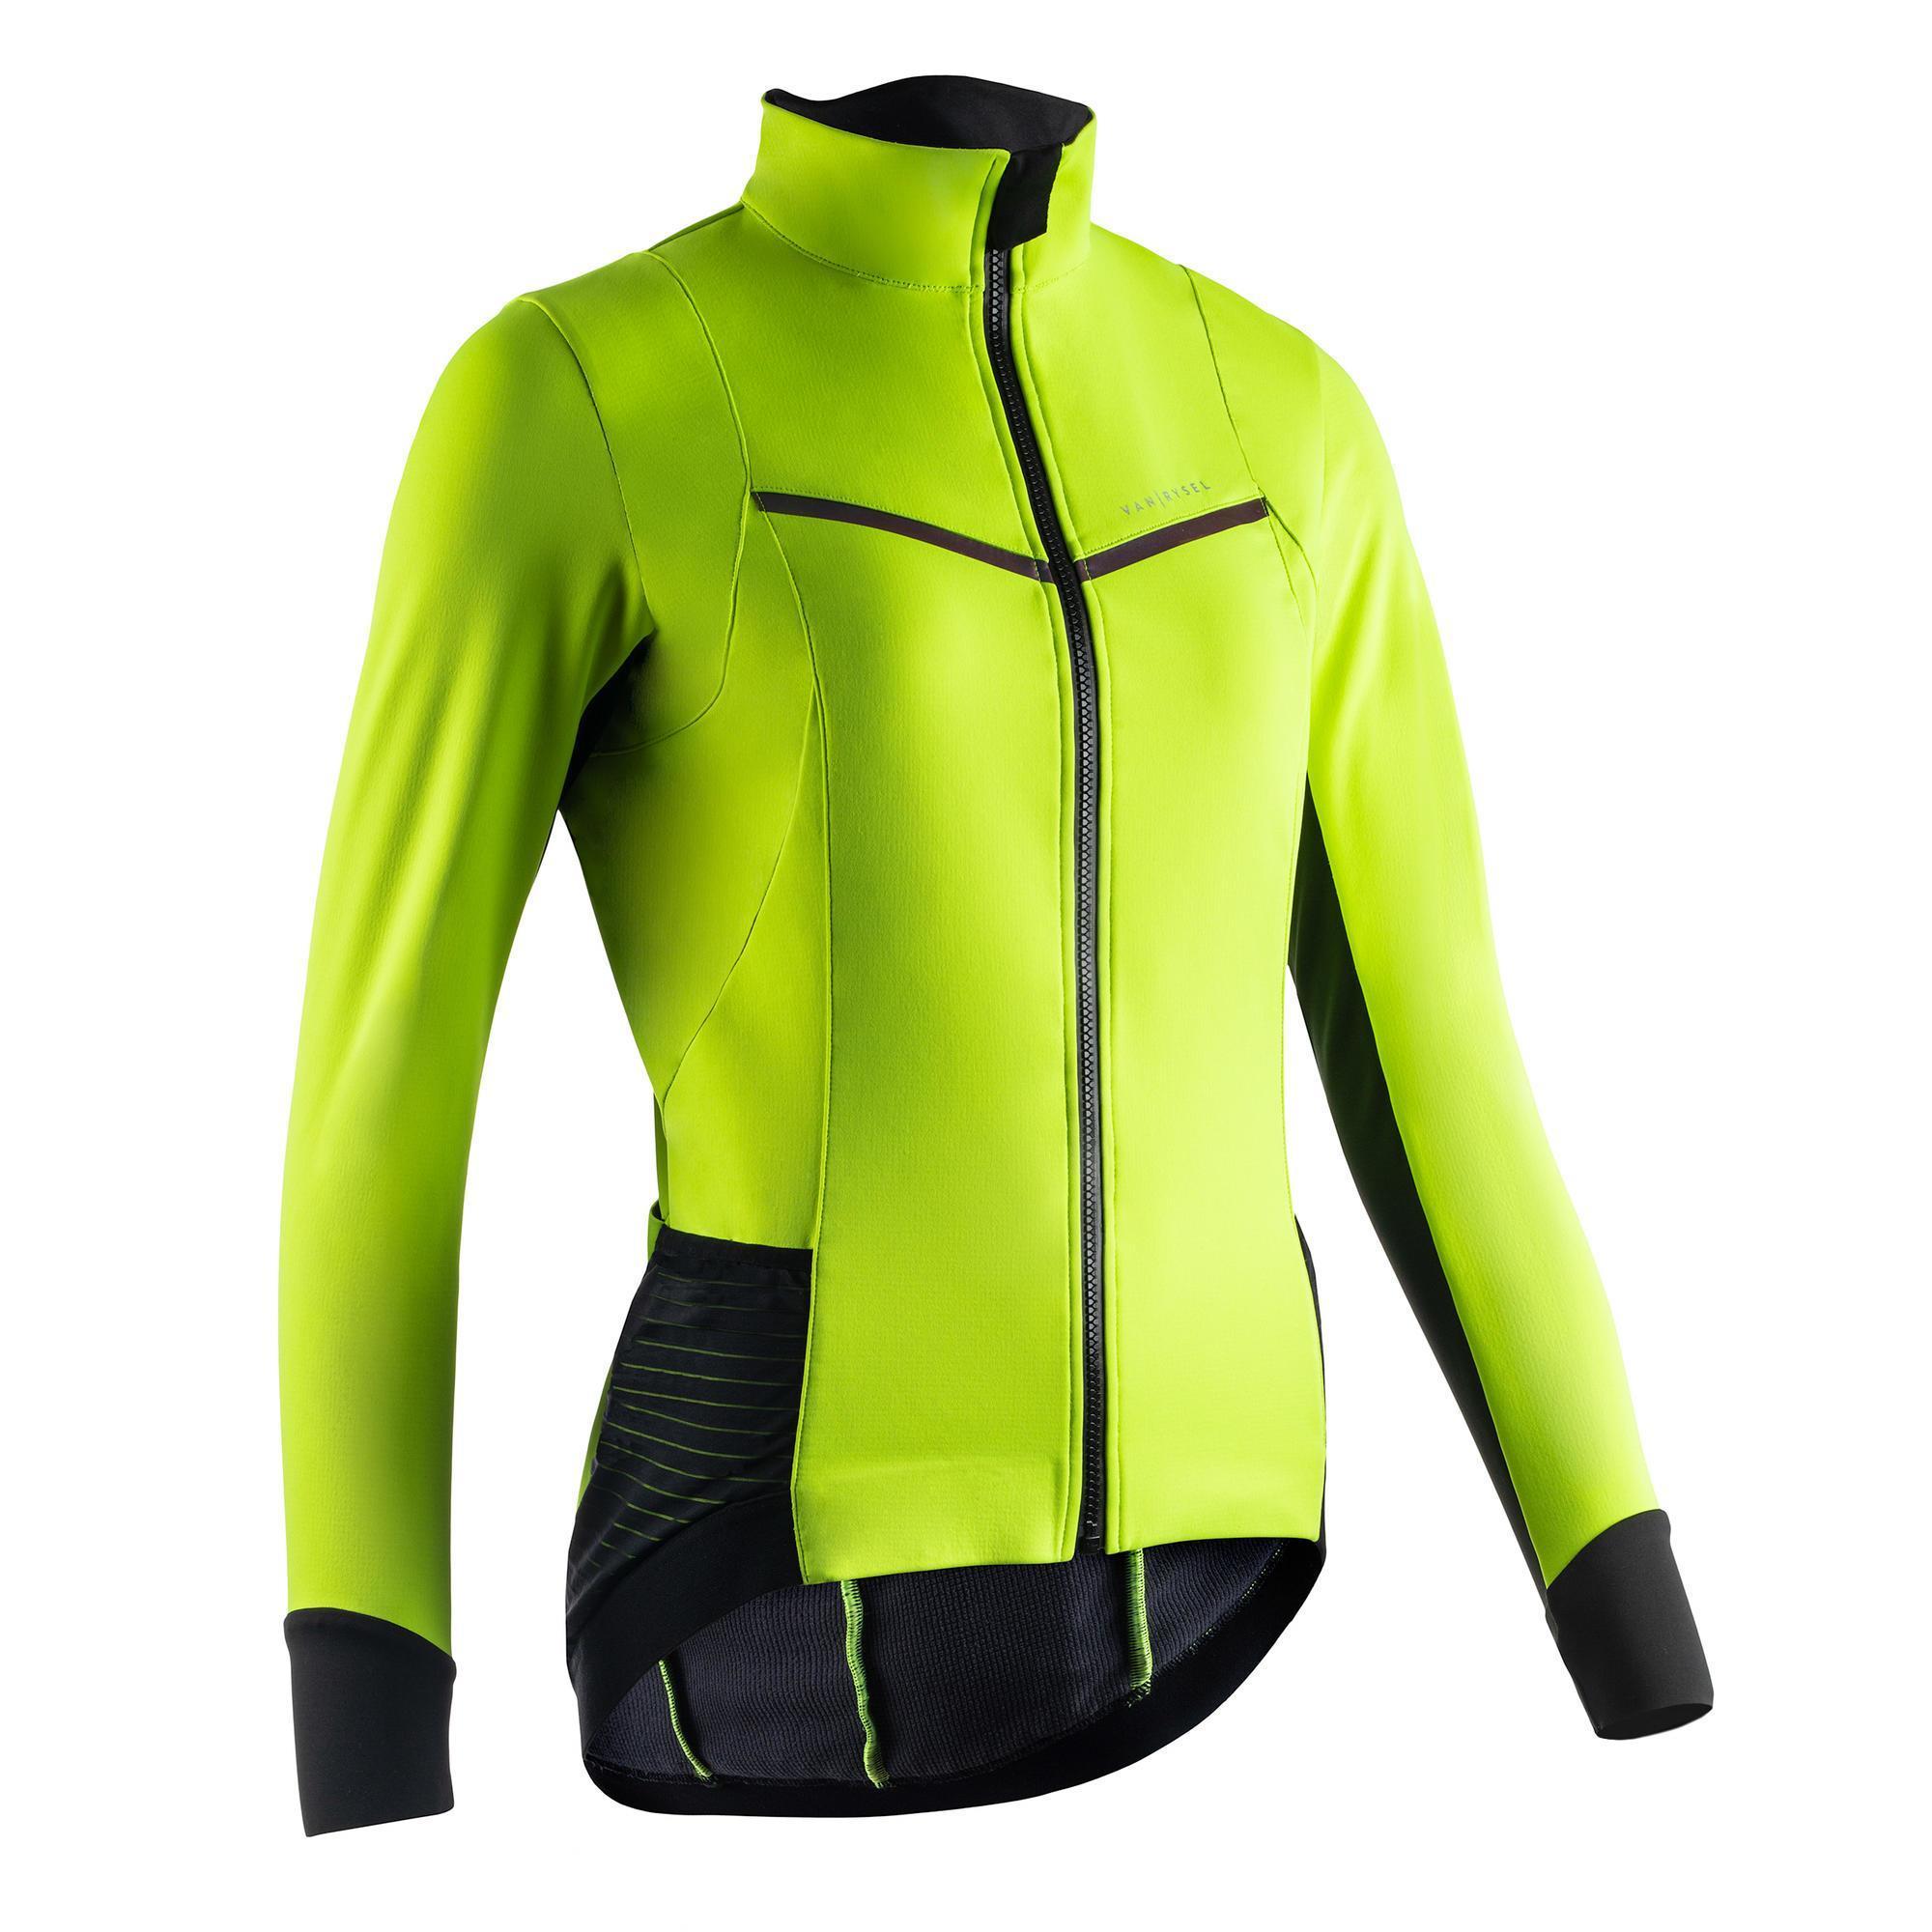 Fahrrad Winterjacke Rennrad RR 900 Damen neongelb